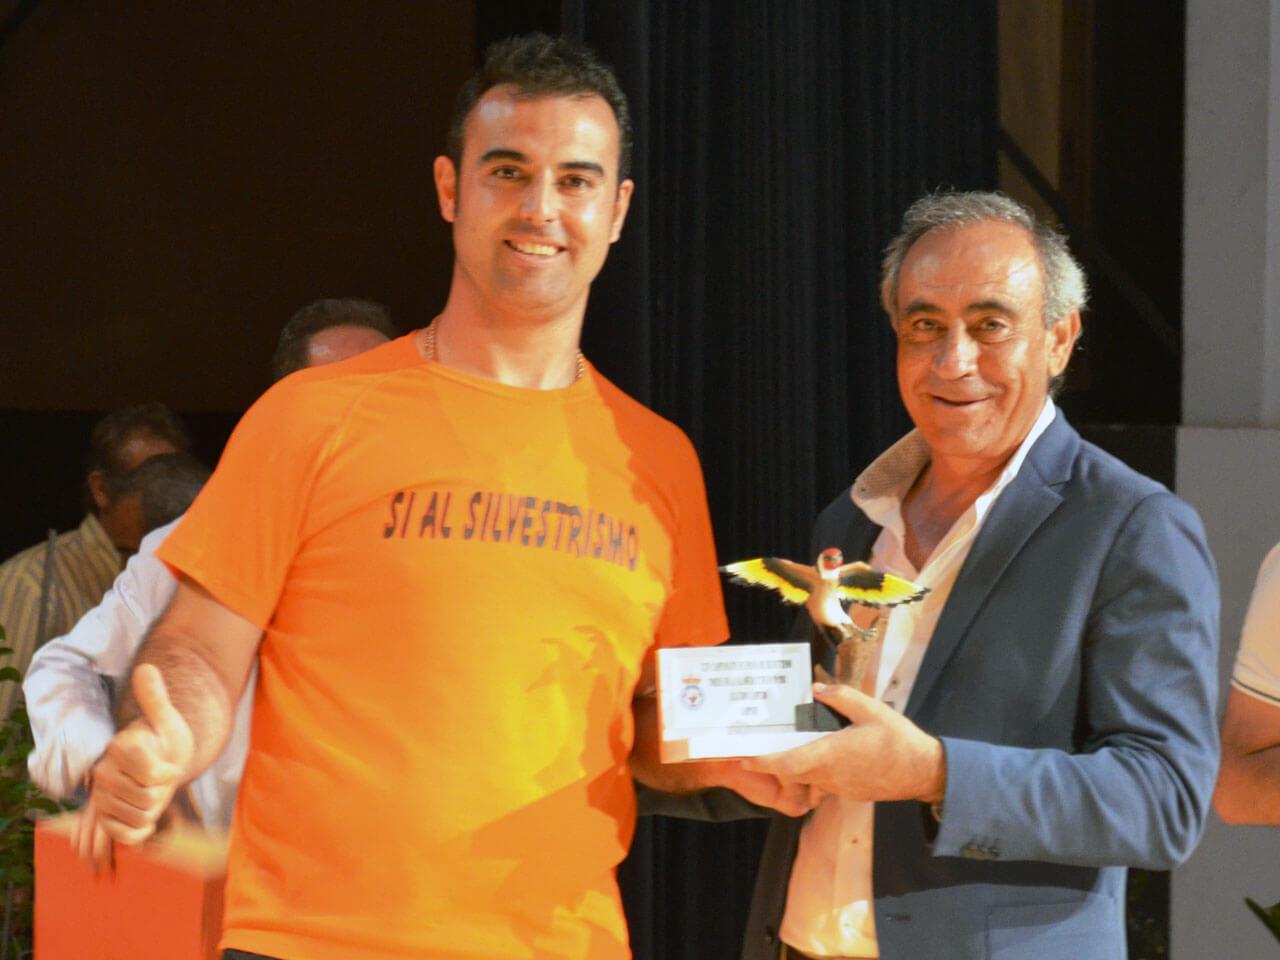 Campeonato España Cante 2018 - Vicente Lázaro Subcampeon M. Jilg